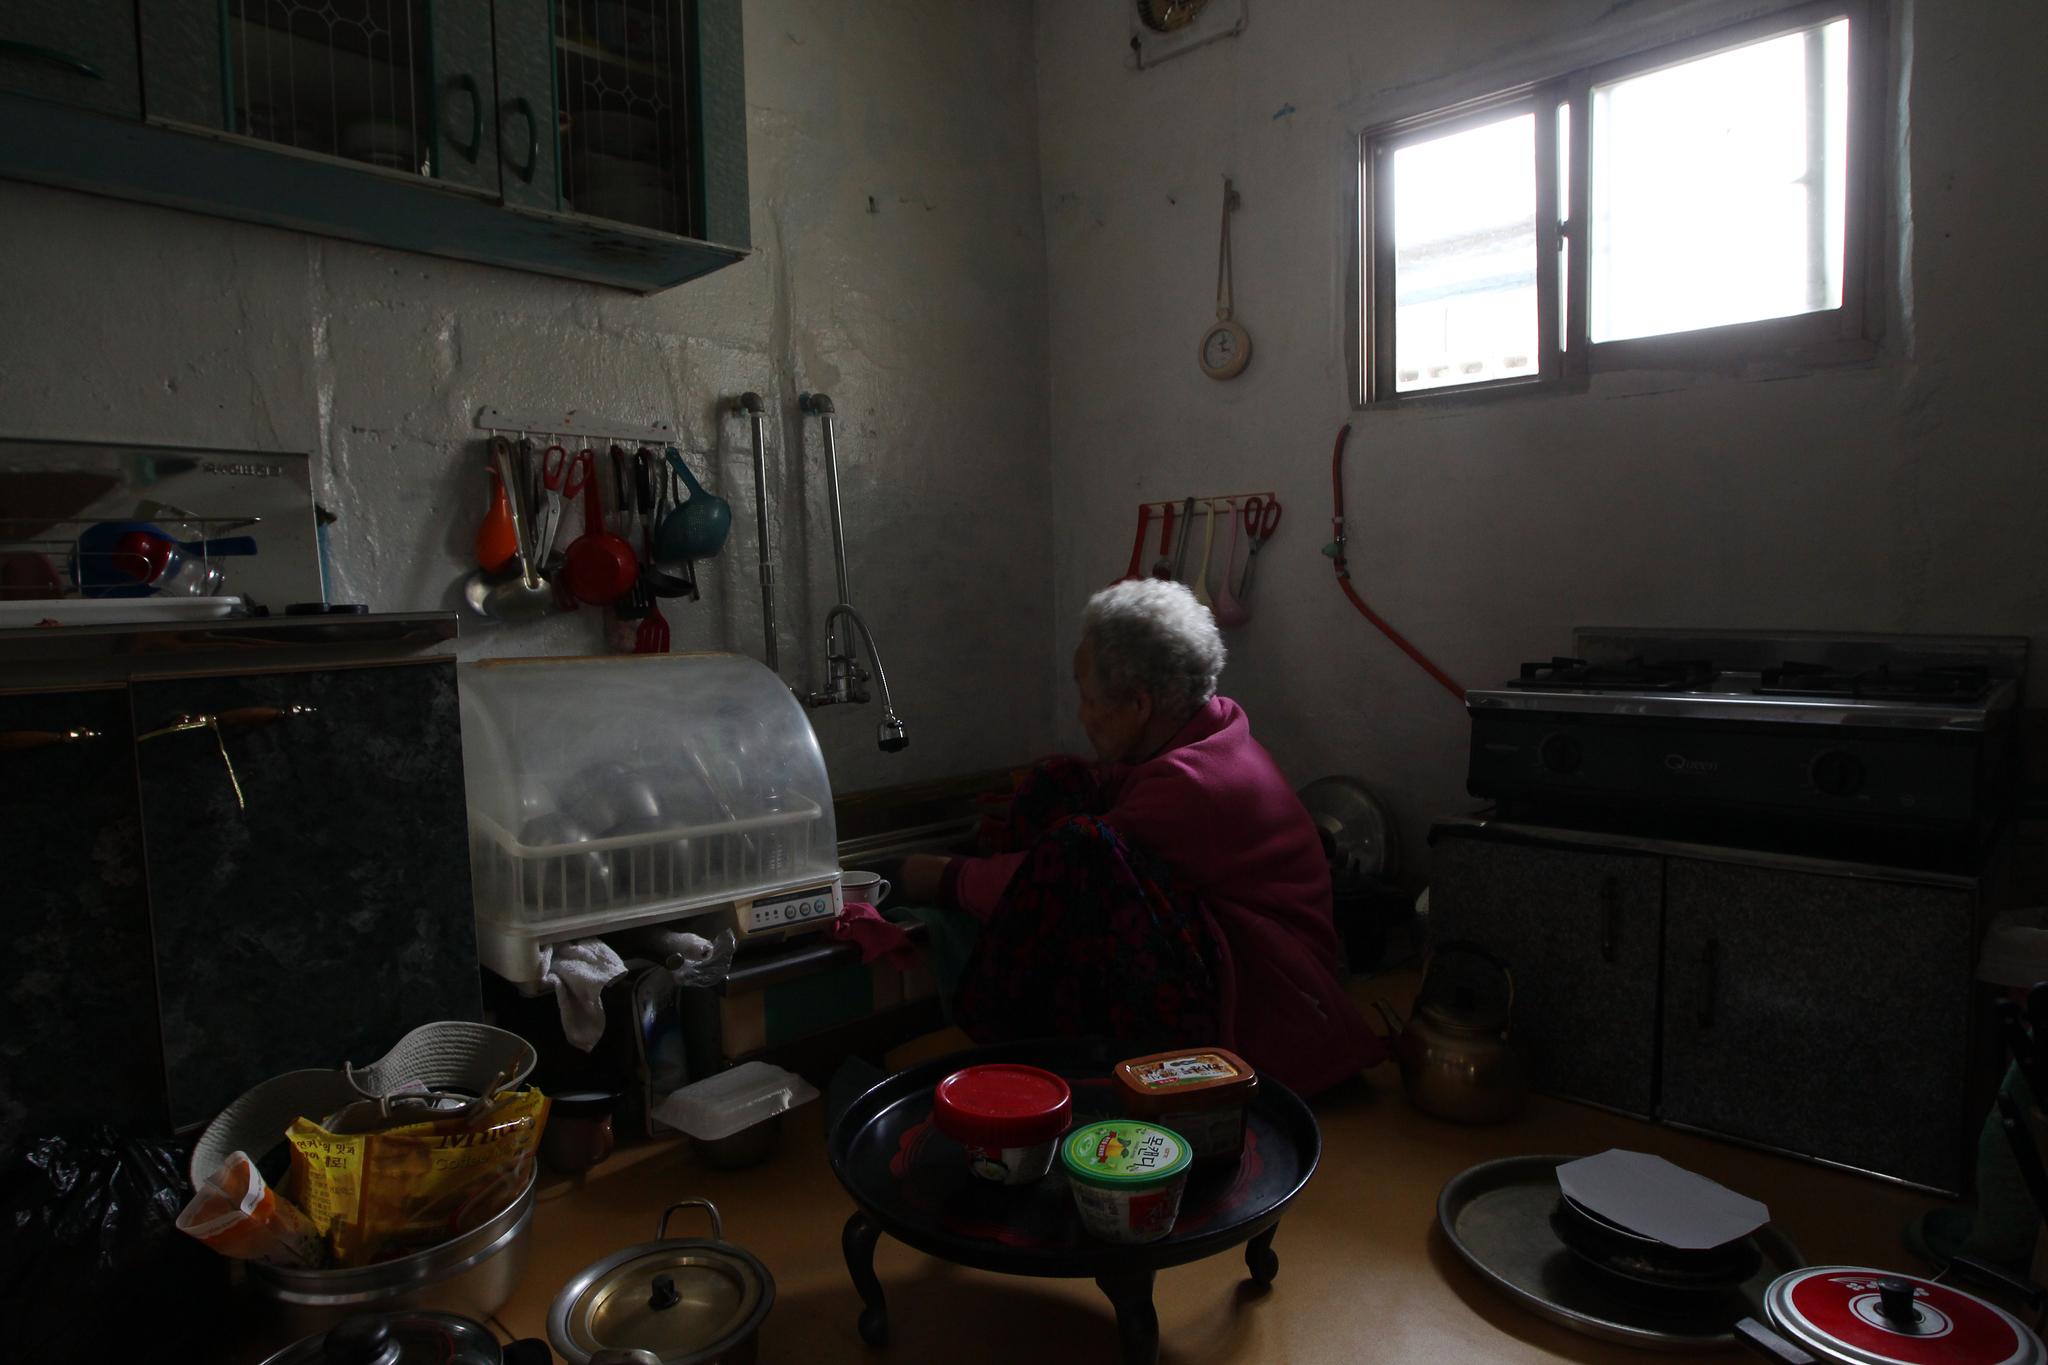 집에 홀로 머무르는 노인의 뒷모습. 앞으로 가정 내에서 노인을 돌보는 장기요양 서비스가 확대된다. [중앙포토]